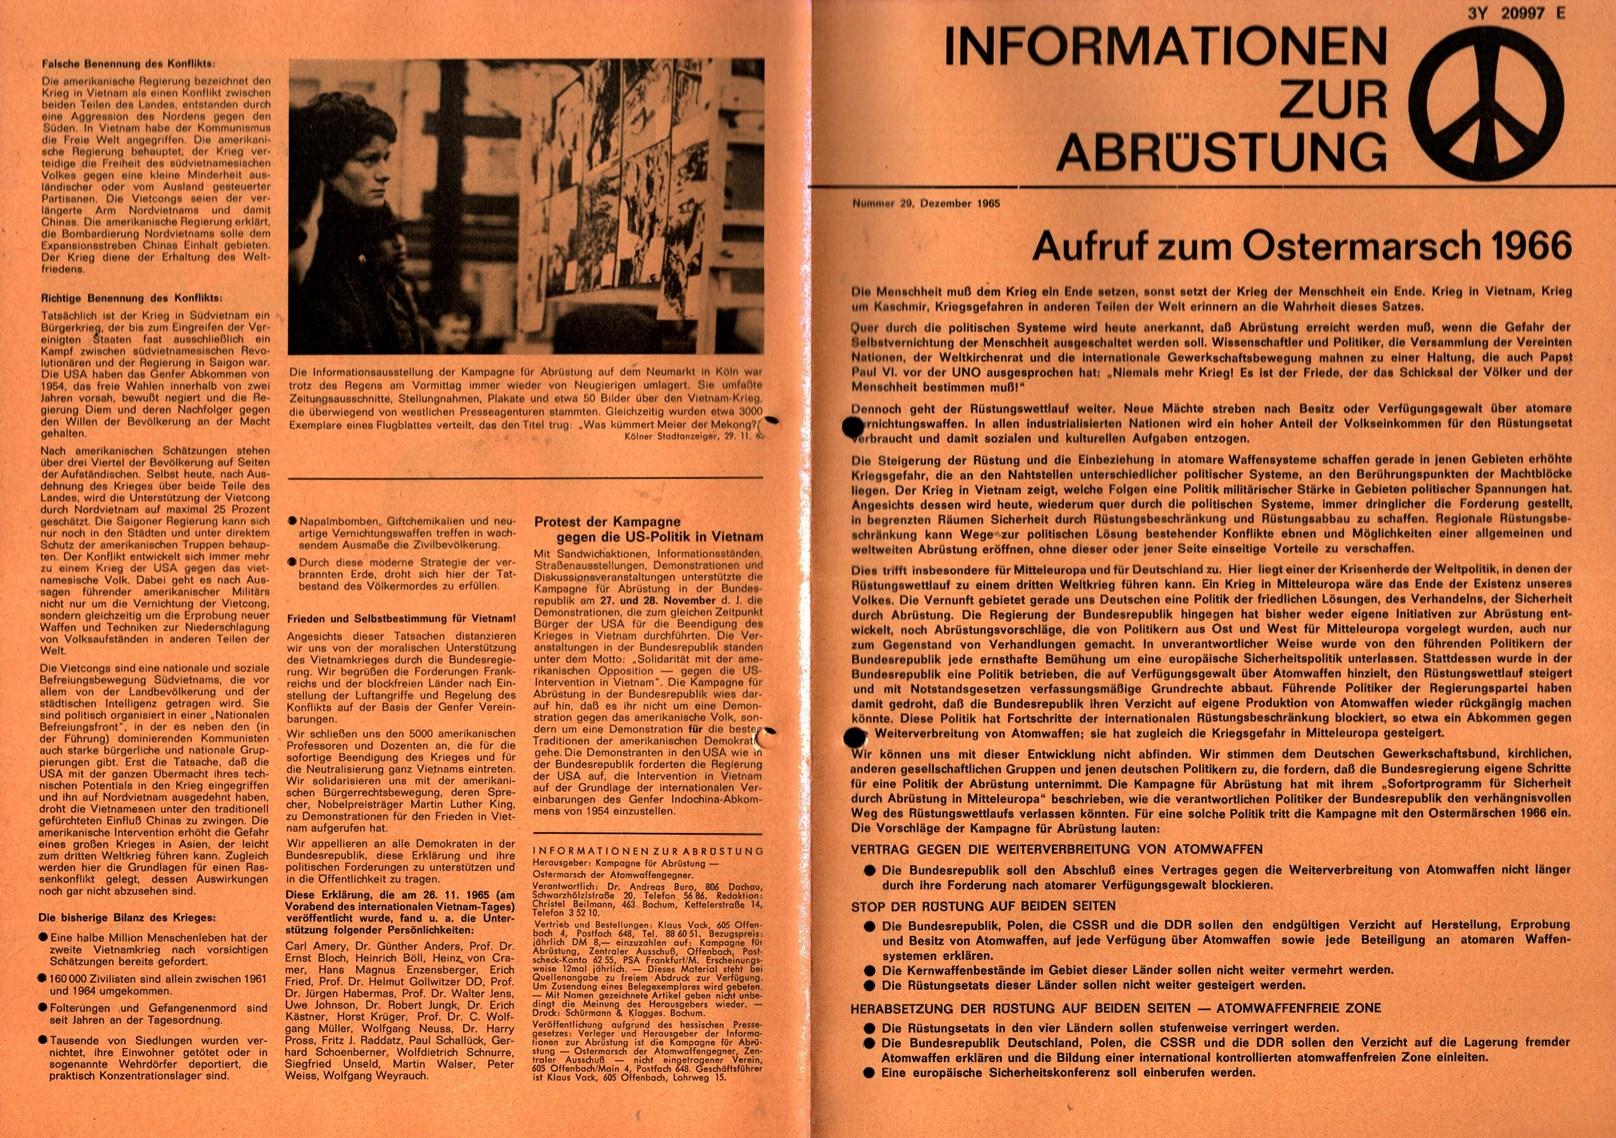 Infos_zur_Abruestung_1965_029_001